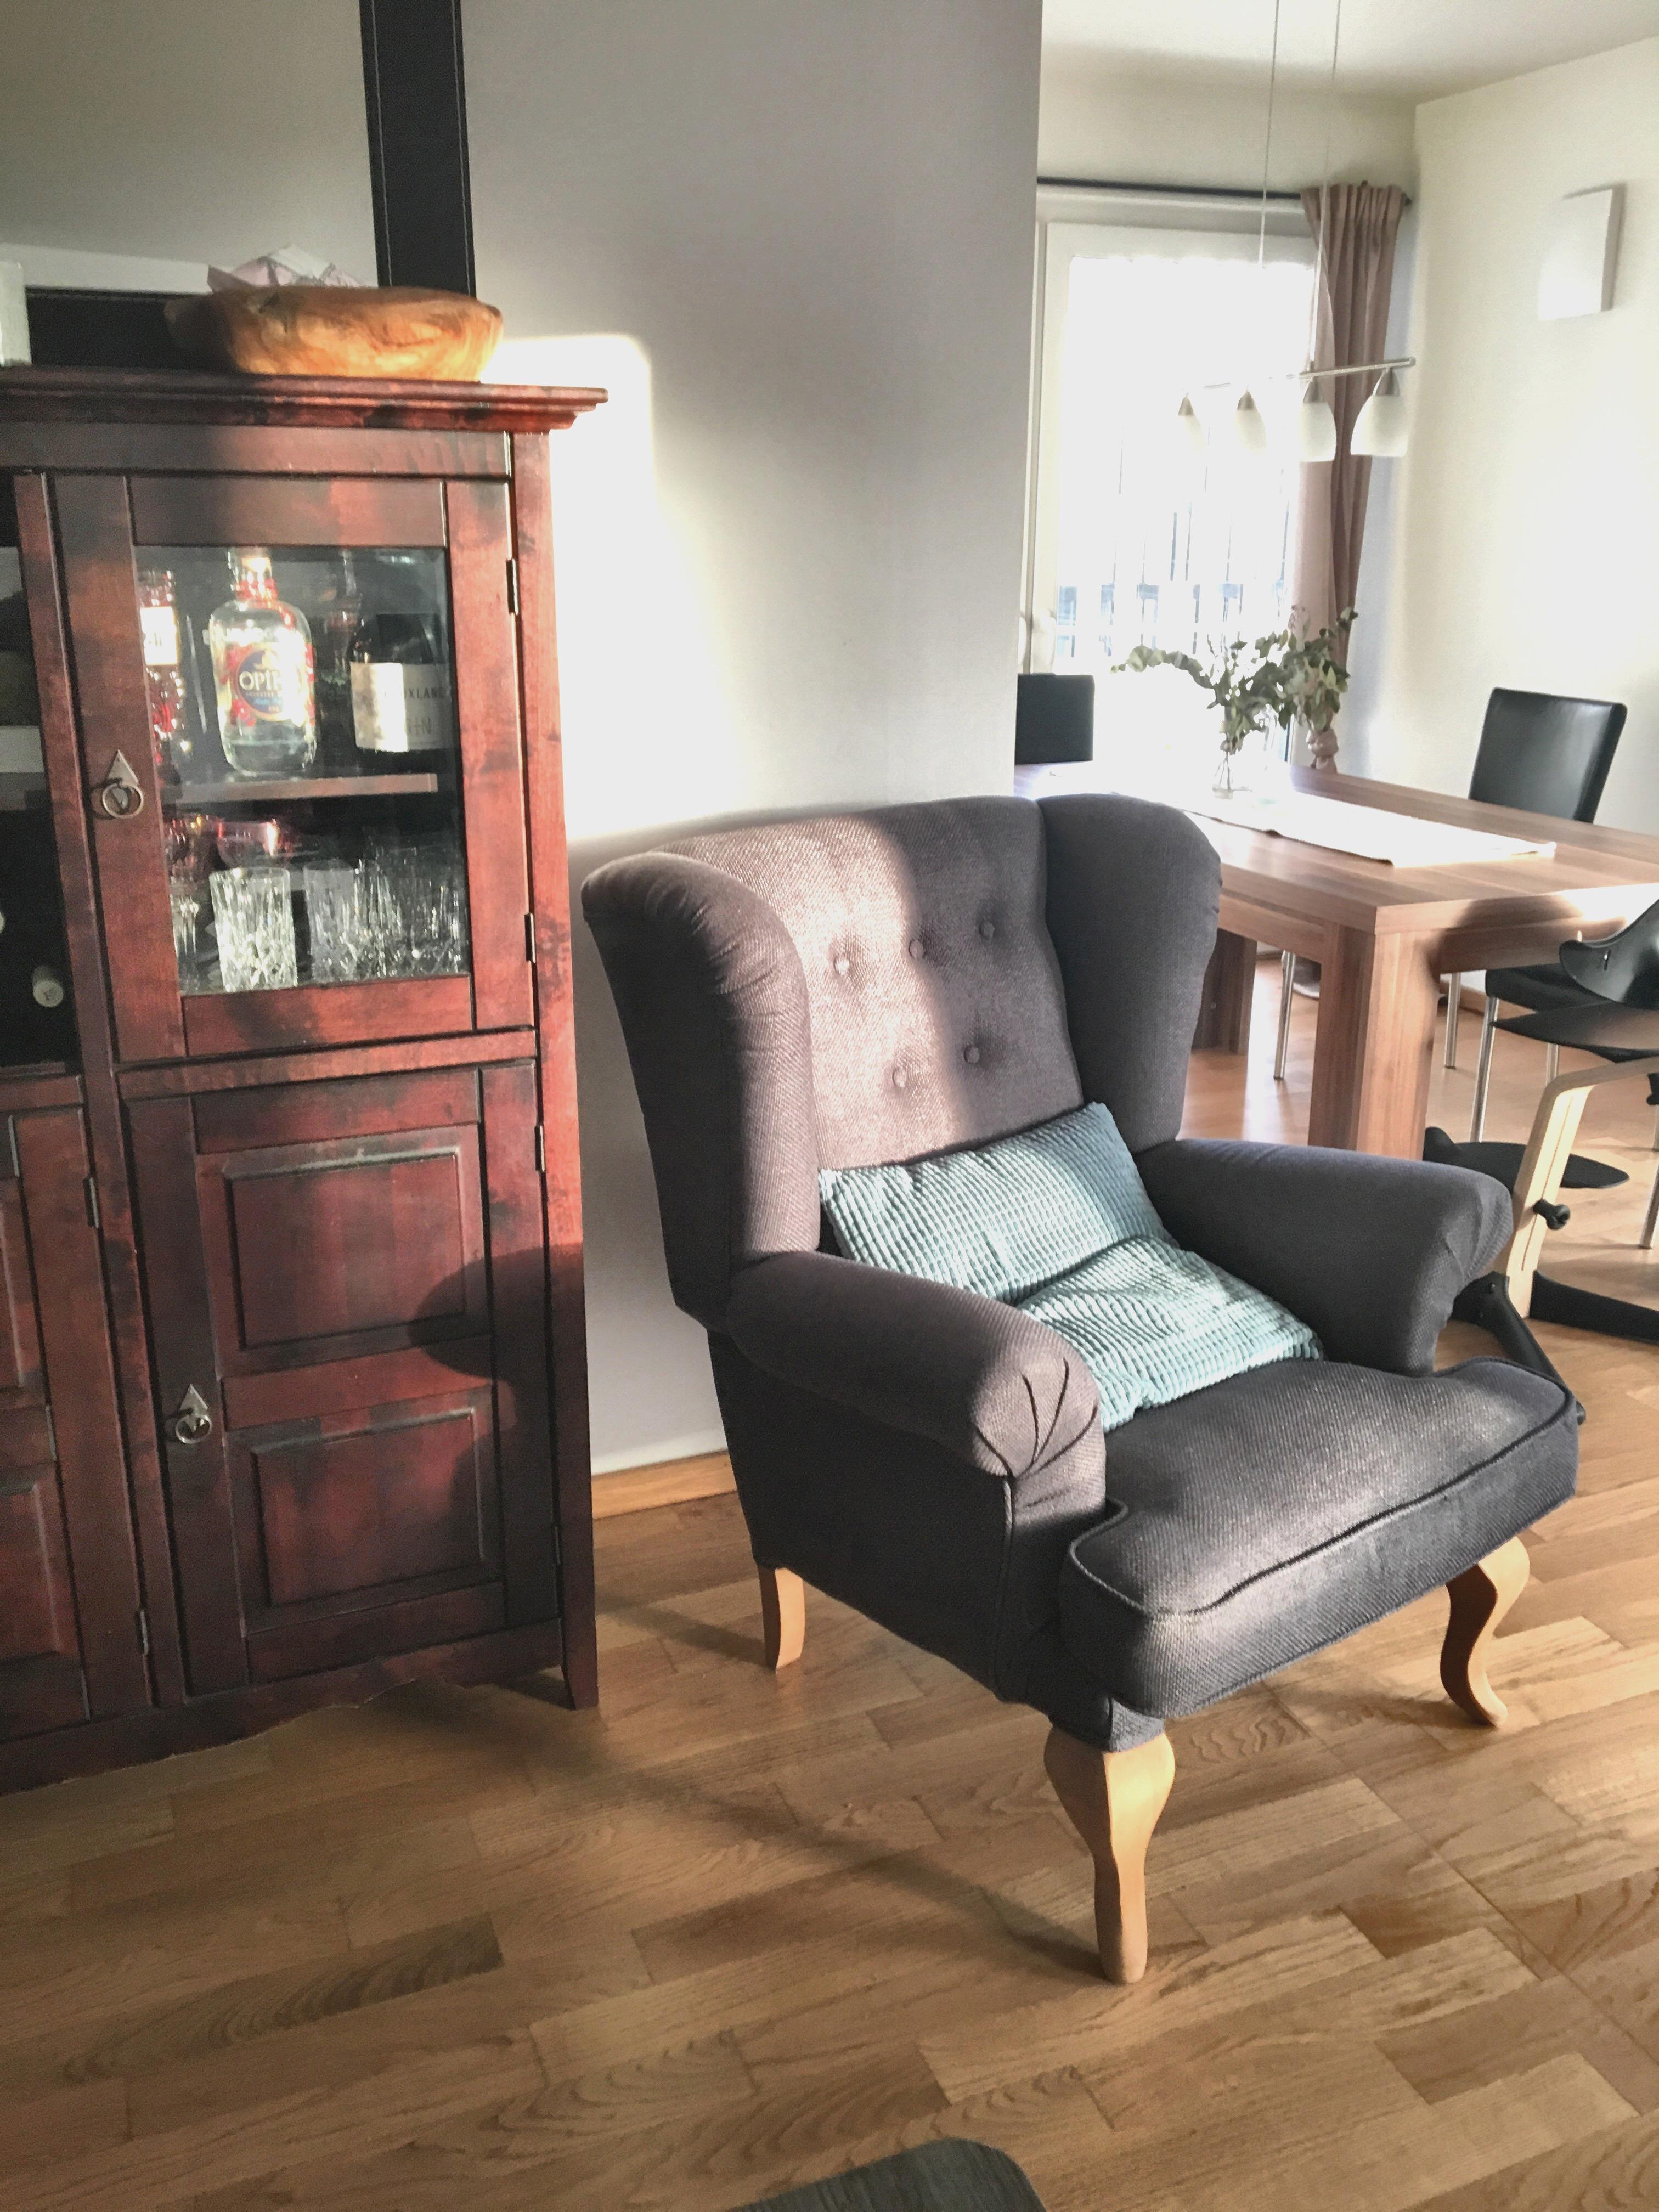 #couchliebt #wohnzimmer #sessel #holz #whiteinterior #home